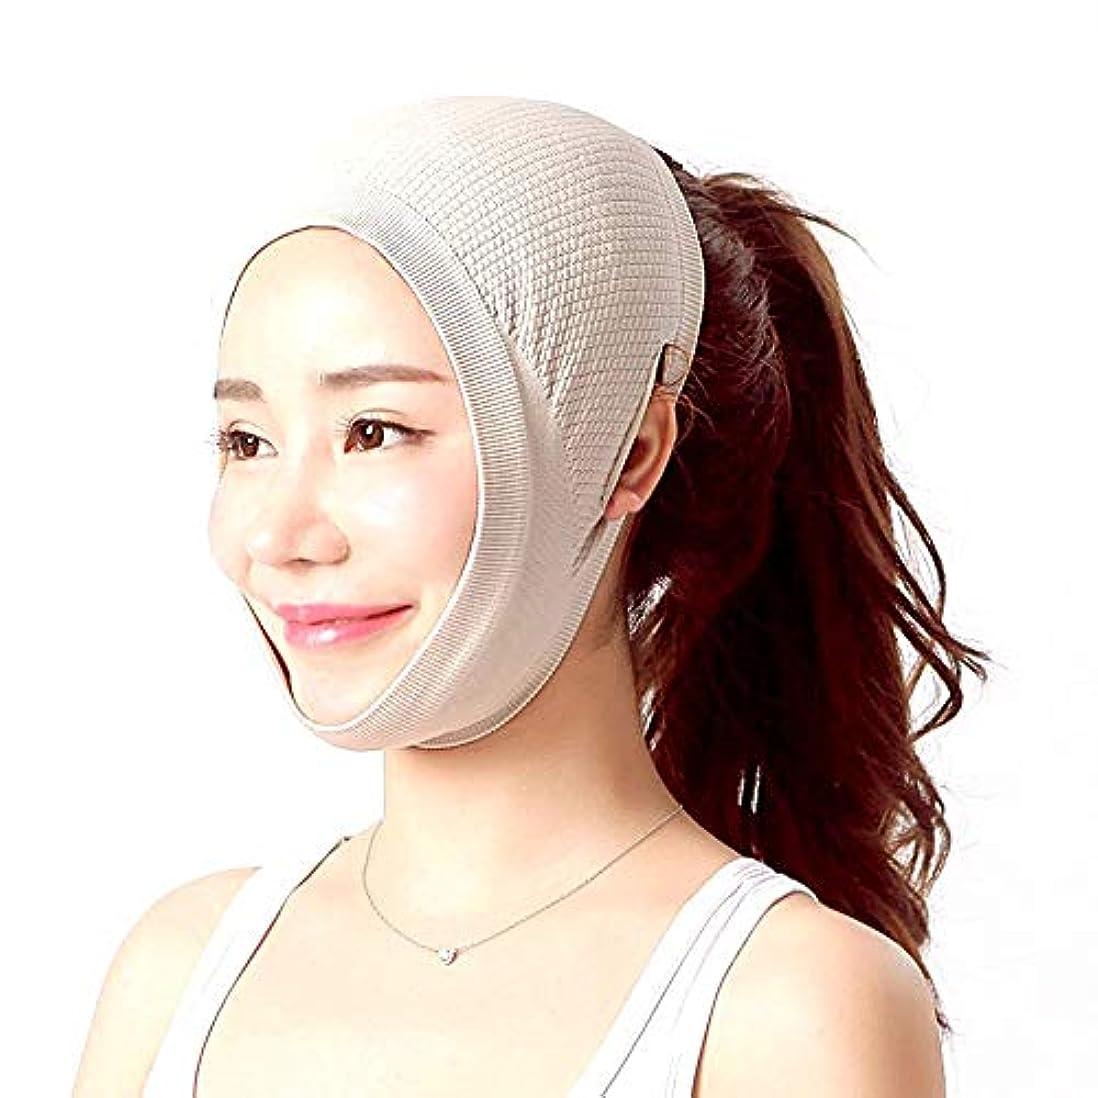 最後に脚本二層Jia Jia- フェイスリフティングアーティファクト包帯ライン術後回復包帯リフティングフェイスフードVフェイス包帯リフティングVフェイス美容マスク - 肌のトーン 顔面包帯